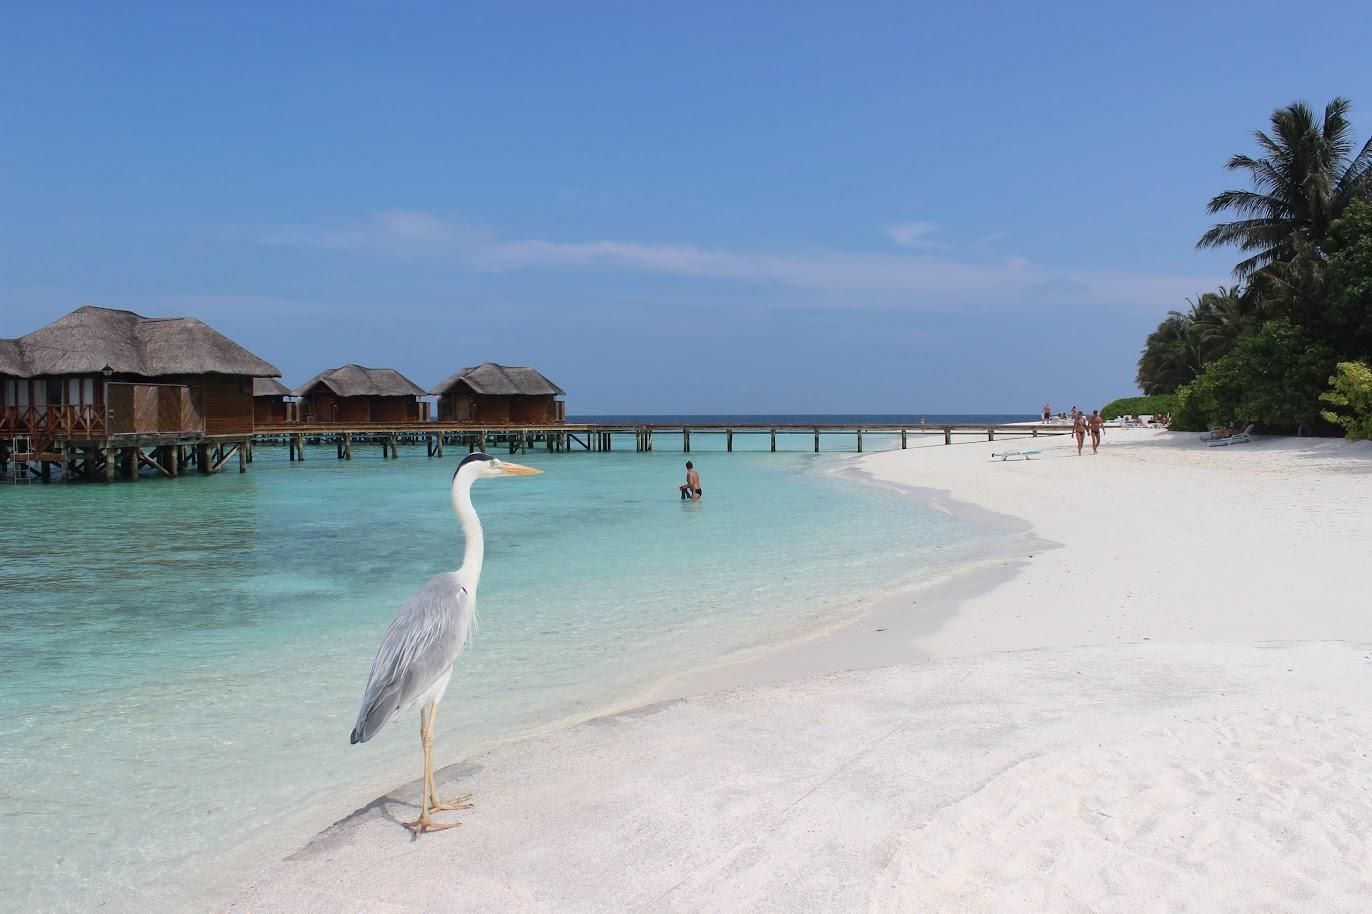 Дешевые Мальдивы. Остров Fihalhohi Island Resort и цапля на фоне домиков